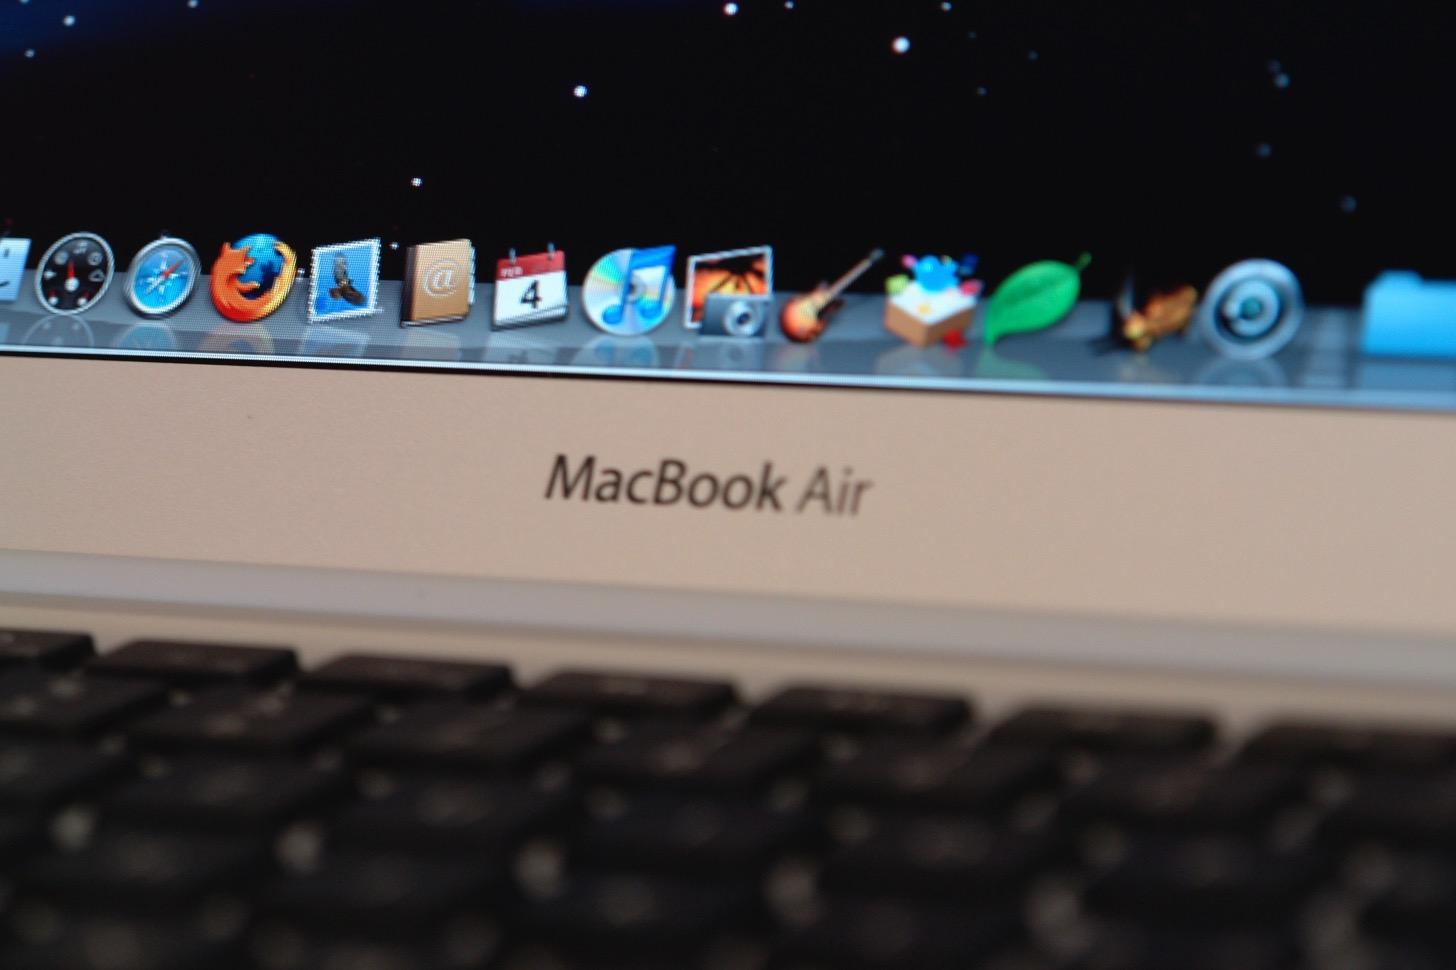 【雑学】Macの意味と語源を調べてみたら、なんともシャレていました。